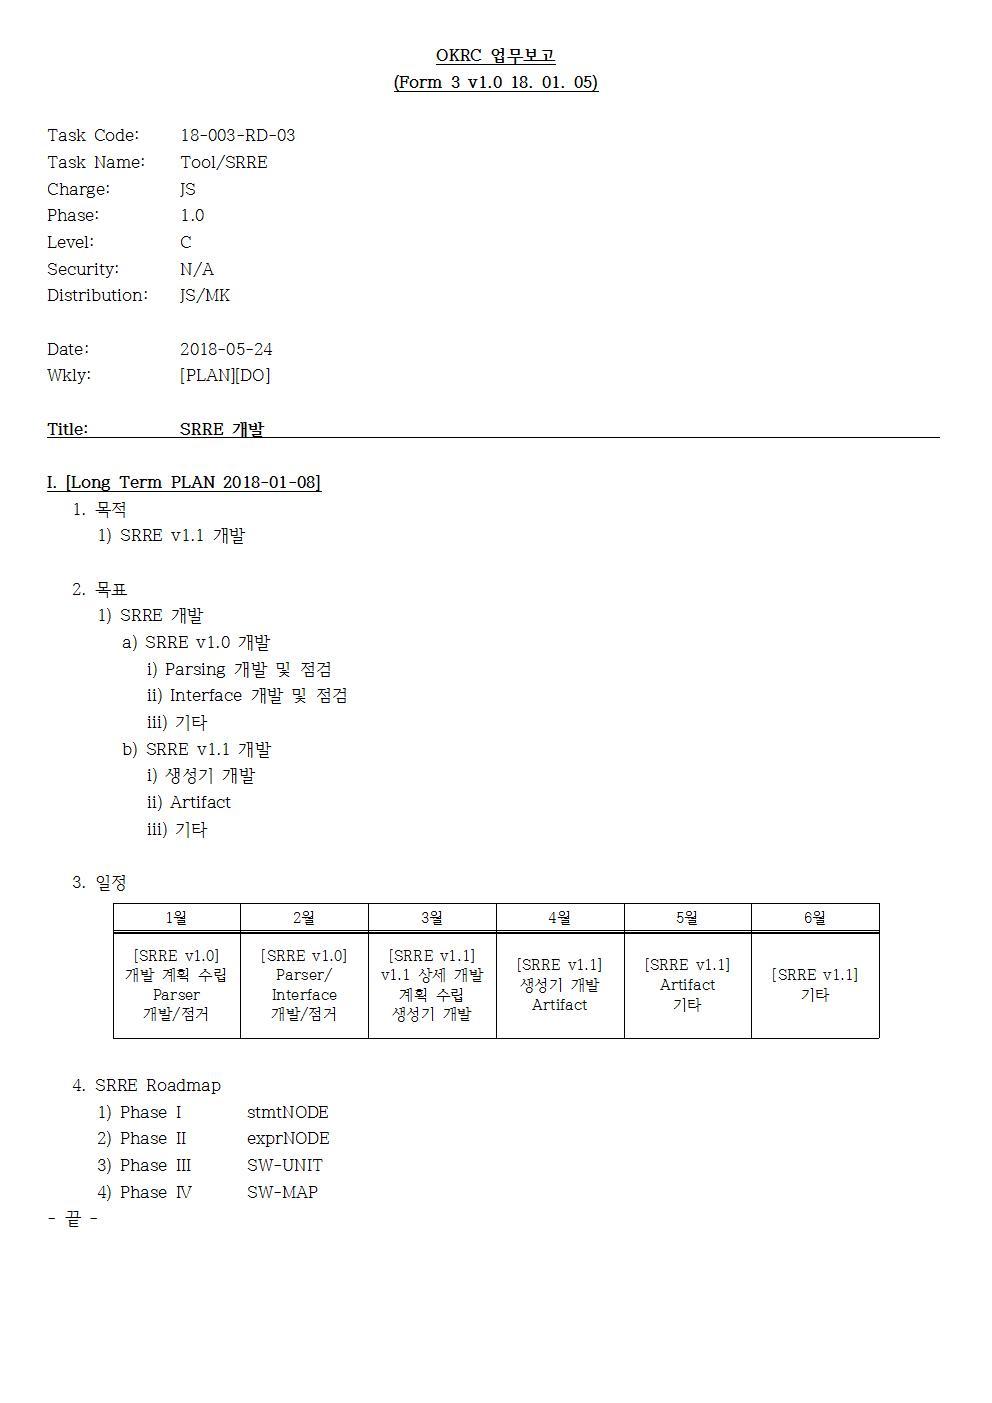 D-[18-003-RD-03]-[SRRE]-[2018-05-24][JS]001.jpg